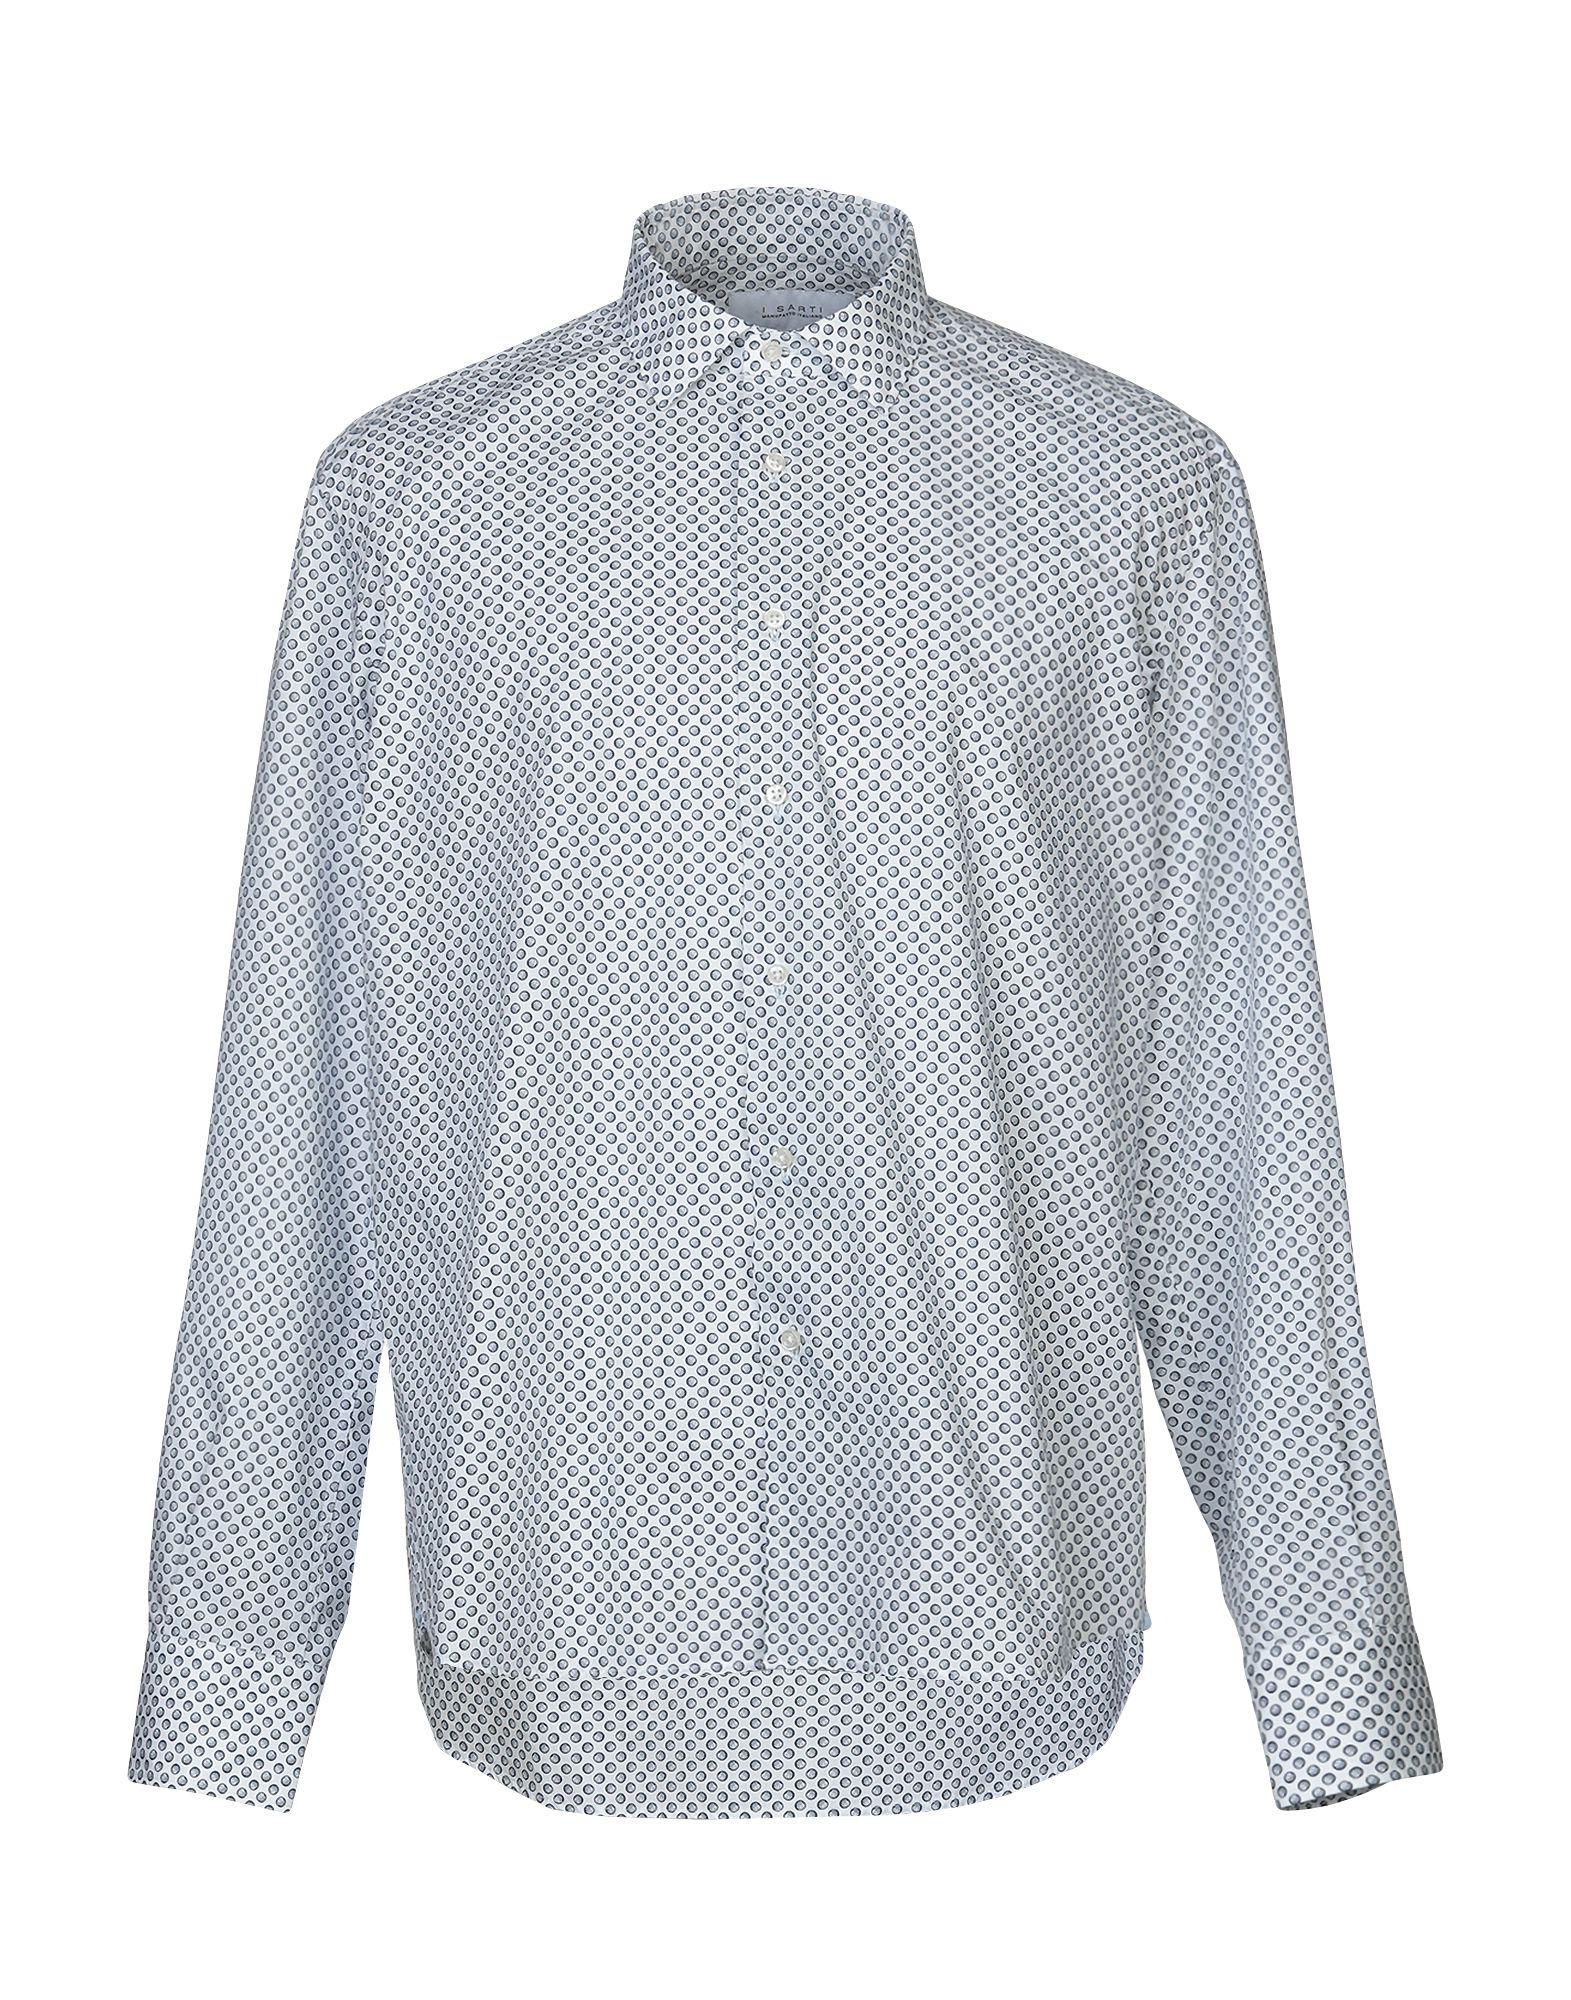 《期間限定セール中》I SARTI メンズ シャツ ホワイト 41 コットン 100%